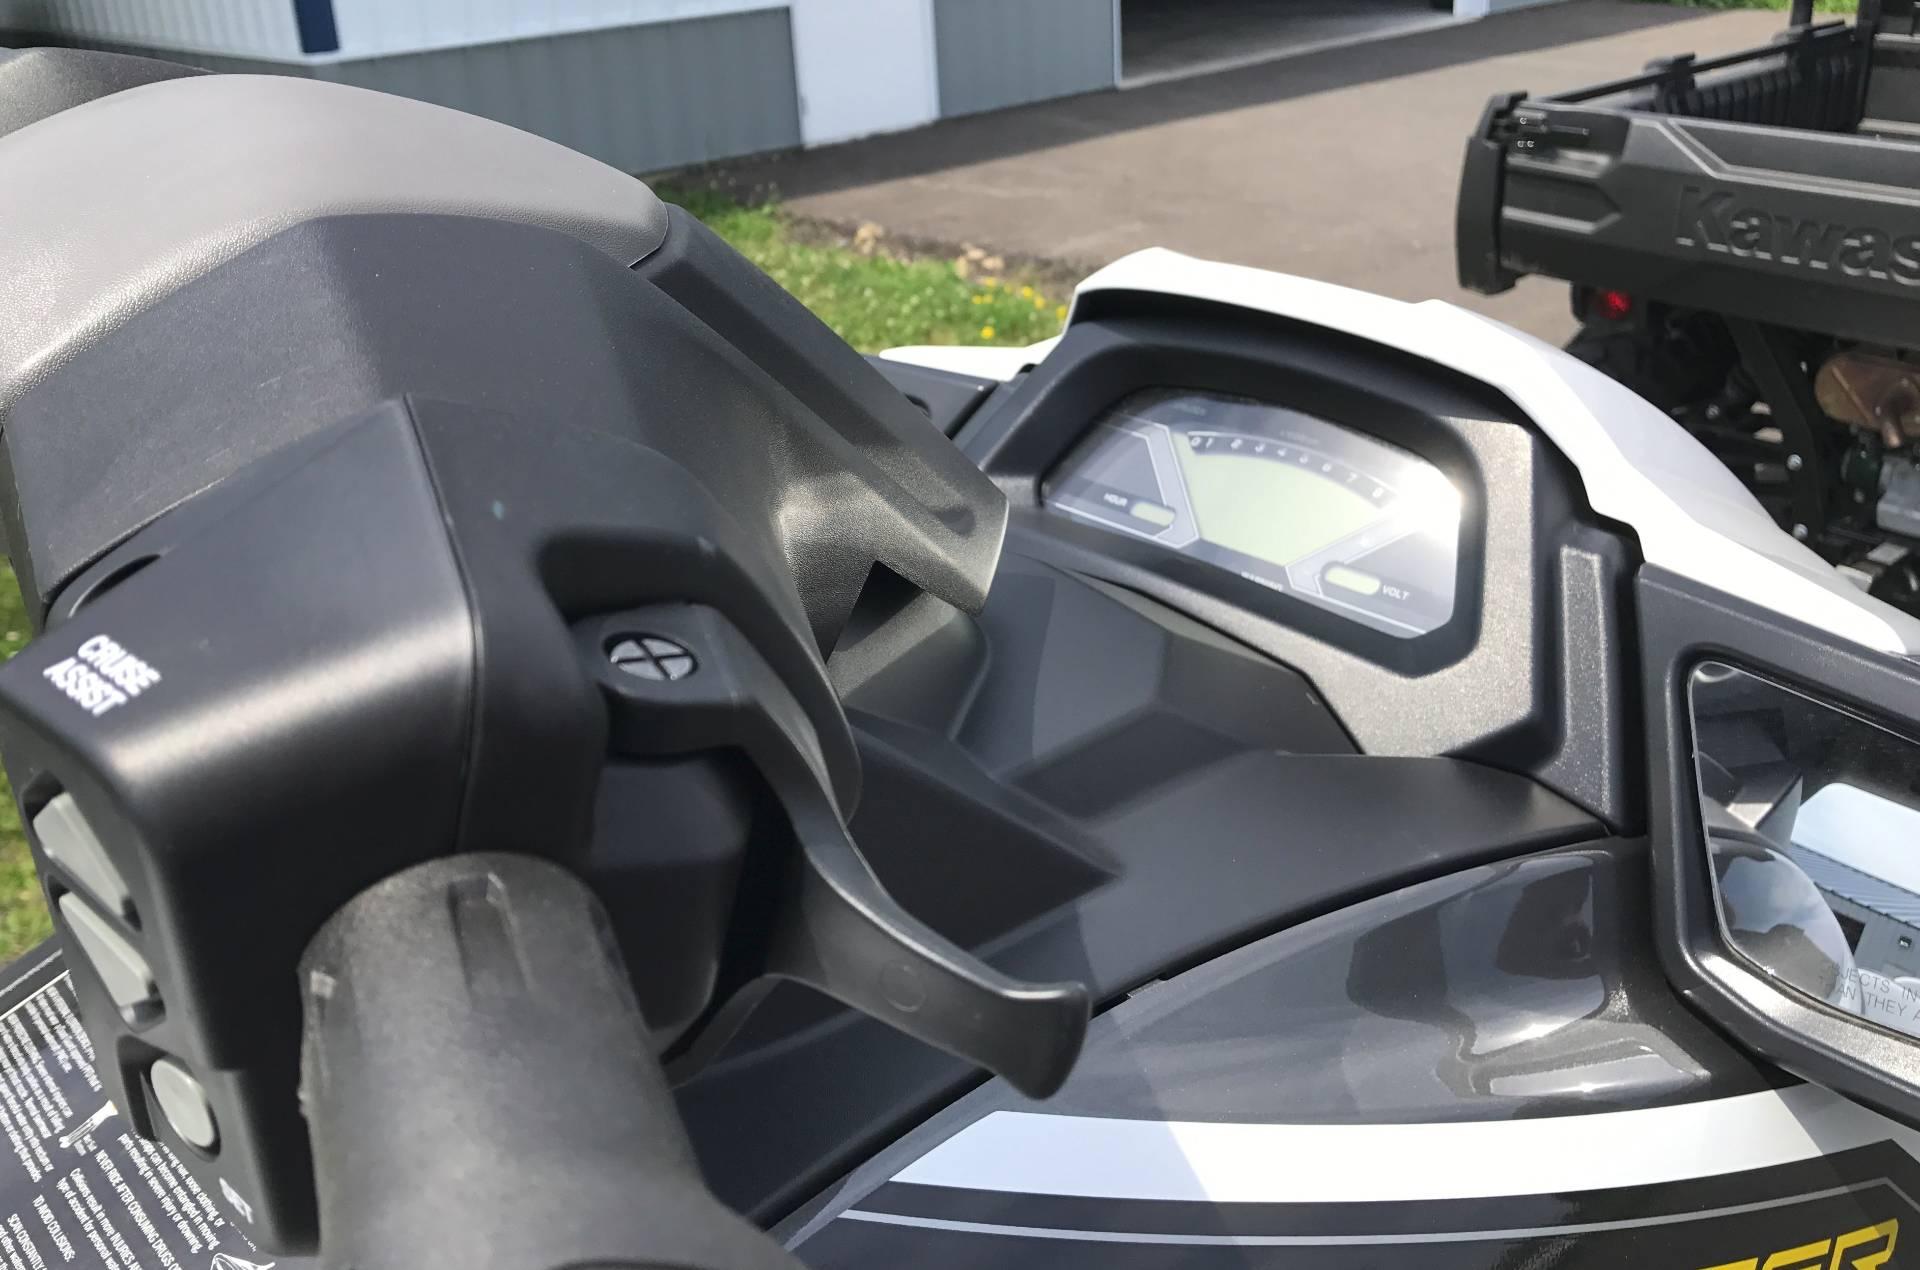 2017 Yamaha VX Cruiser 5